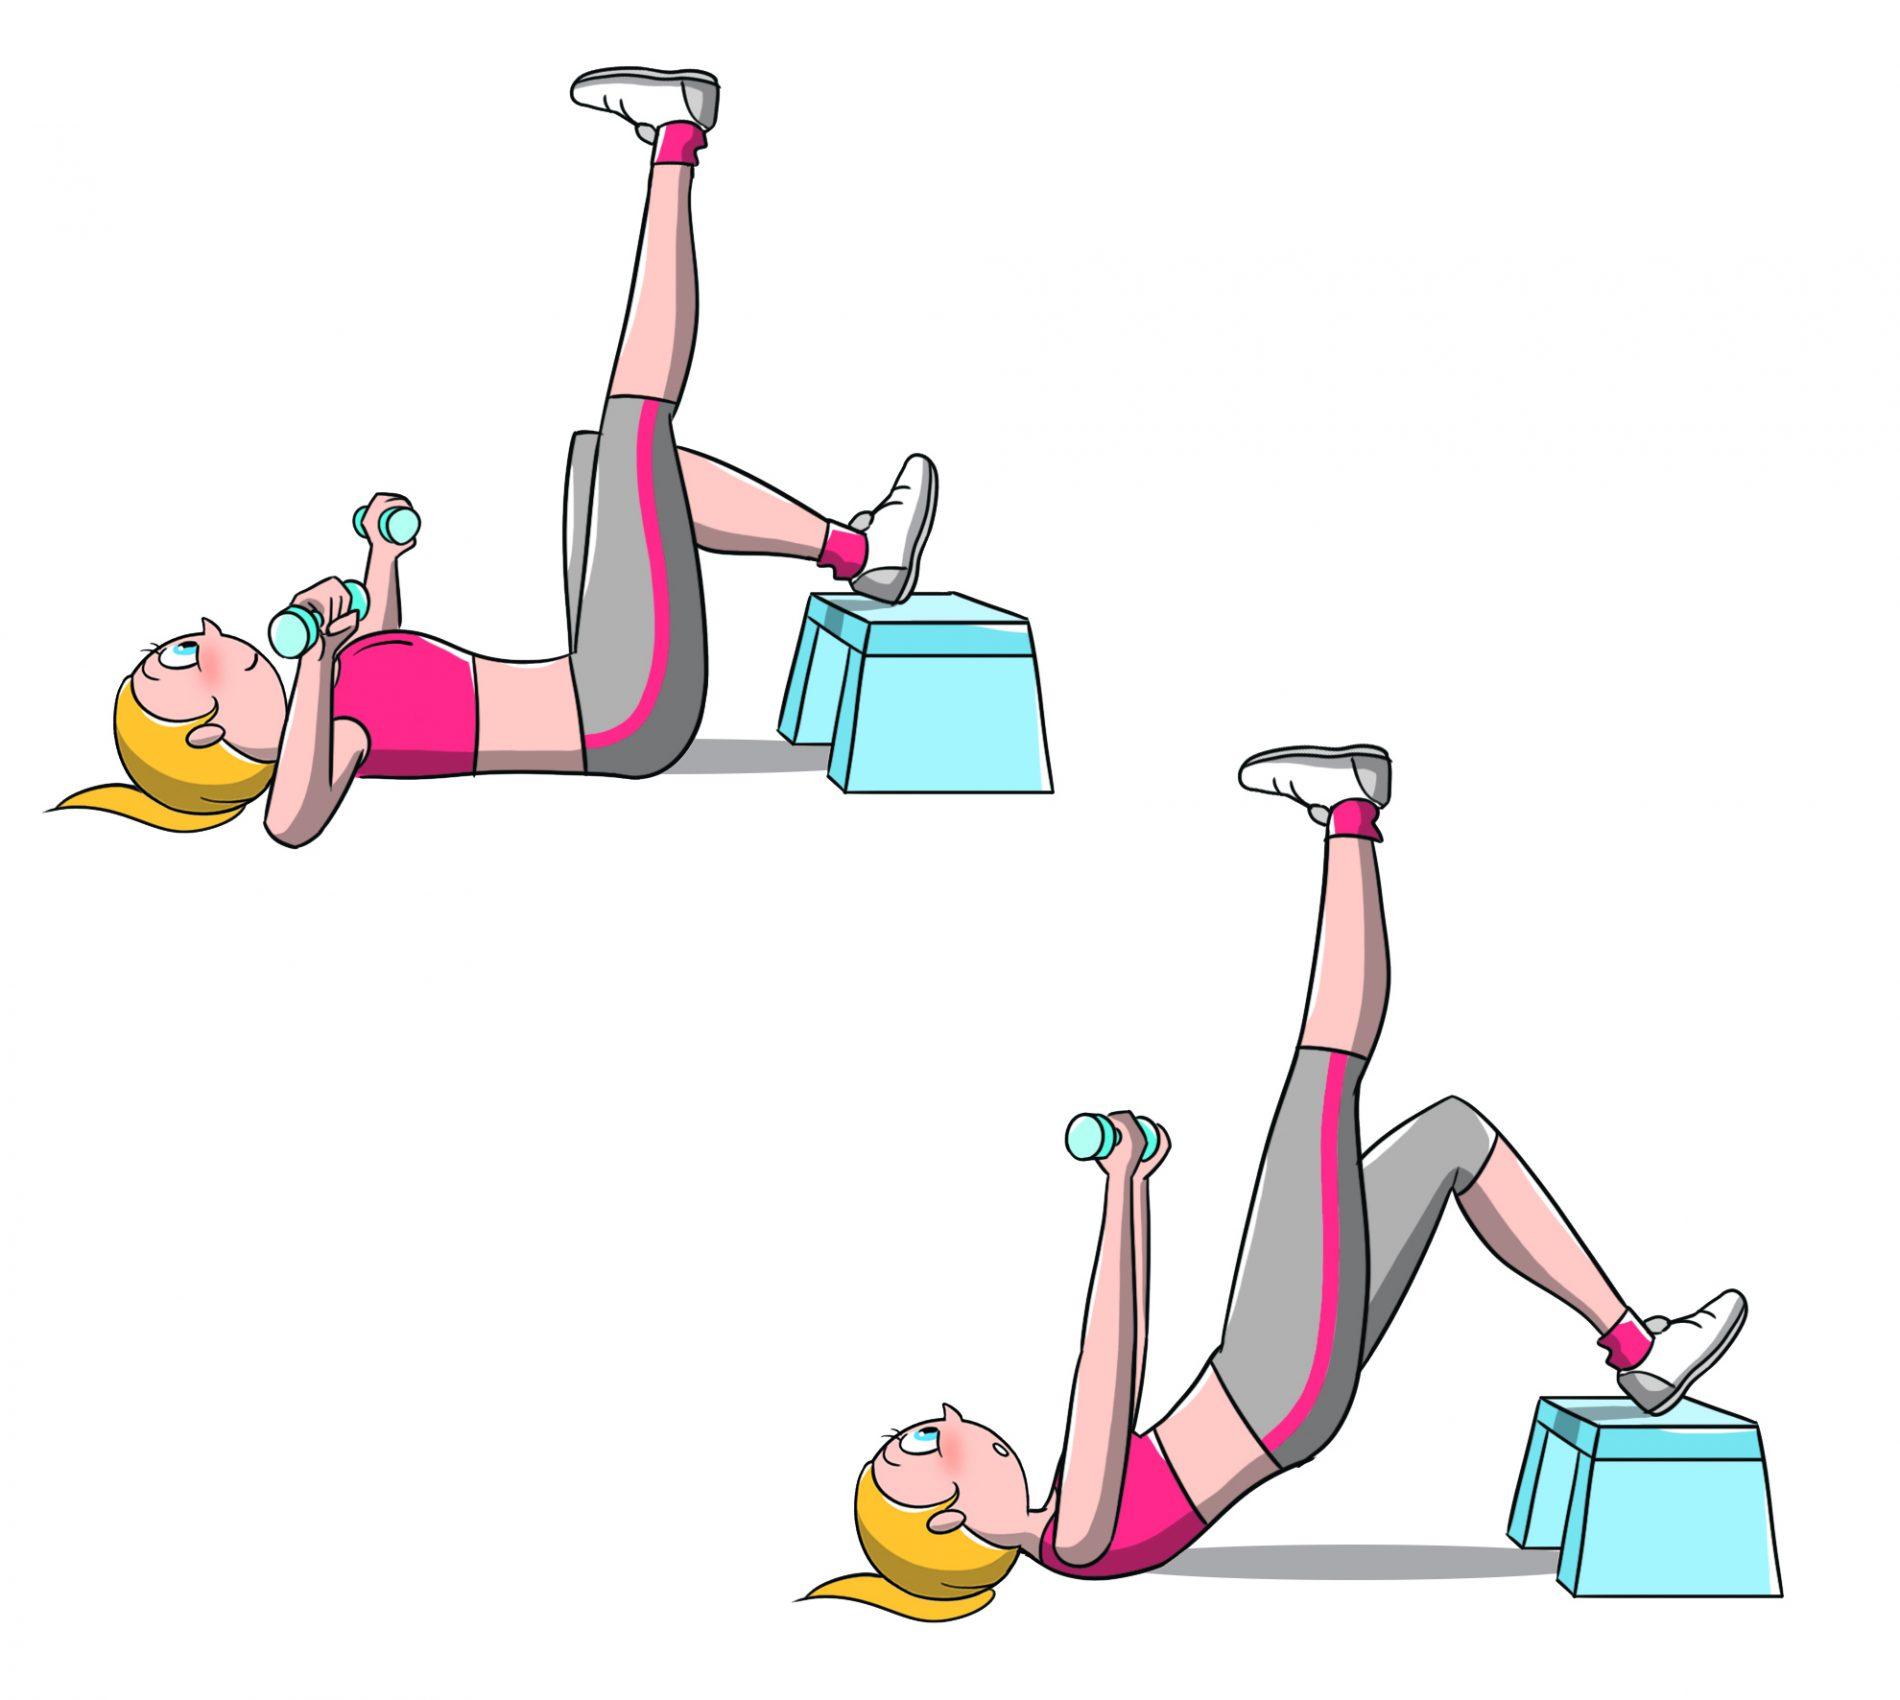 allenamento per fisico a clessidra: esercizio bridge and press